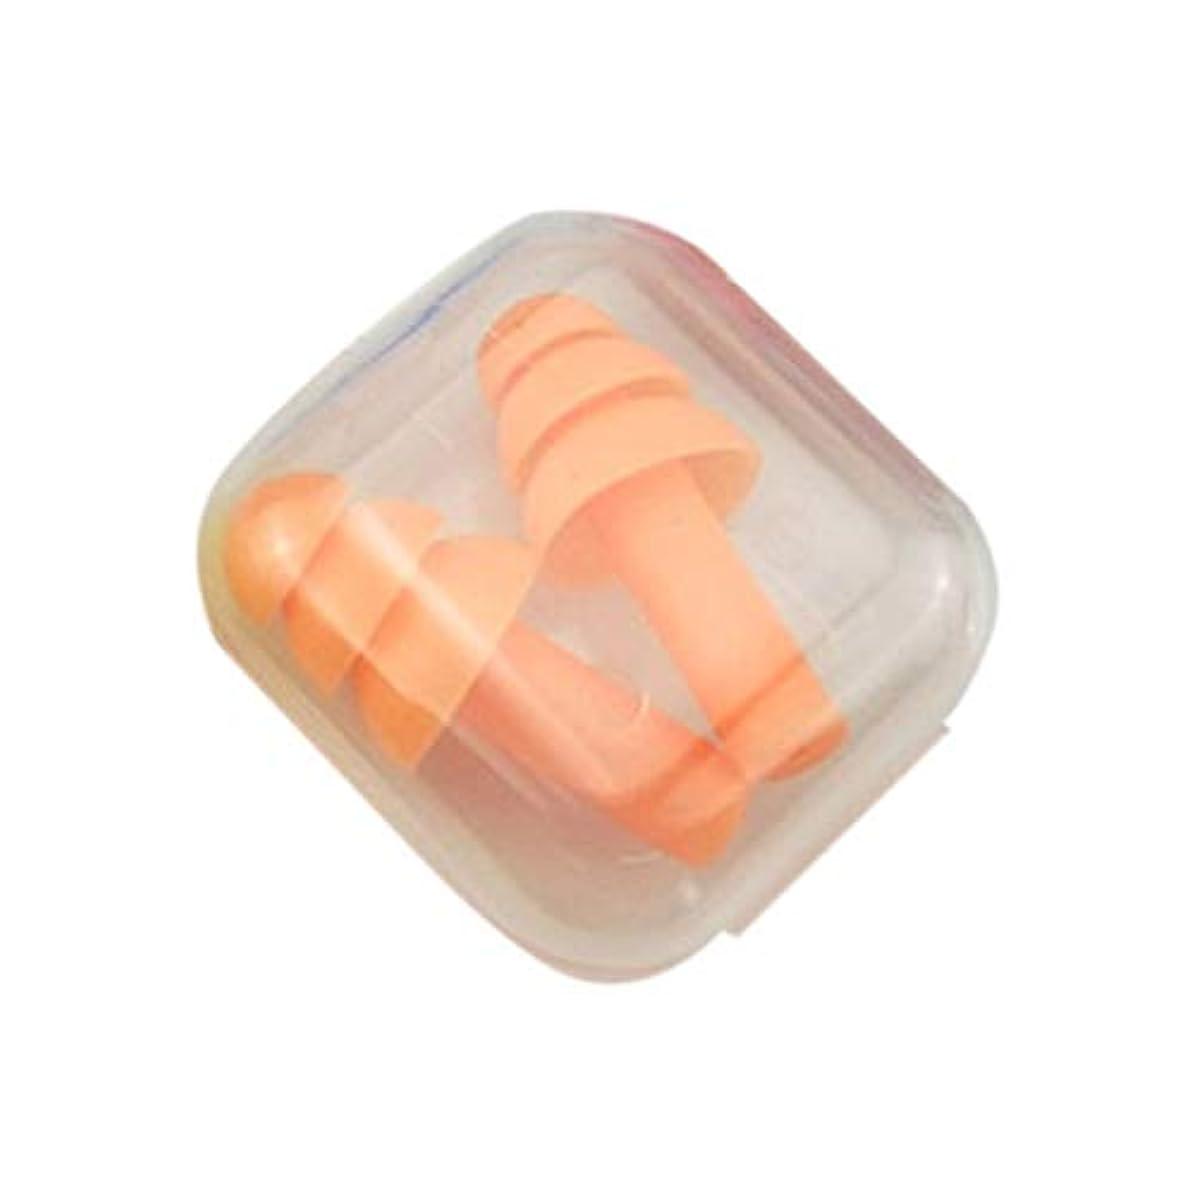 花瓶とにかく台無しに柔らかいシリコーンの耳栓遮音用耳の保護用の耳栓防音睡眠ボックス付き収納ボックス - オレンジ